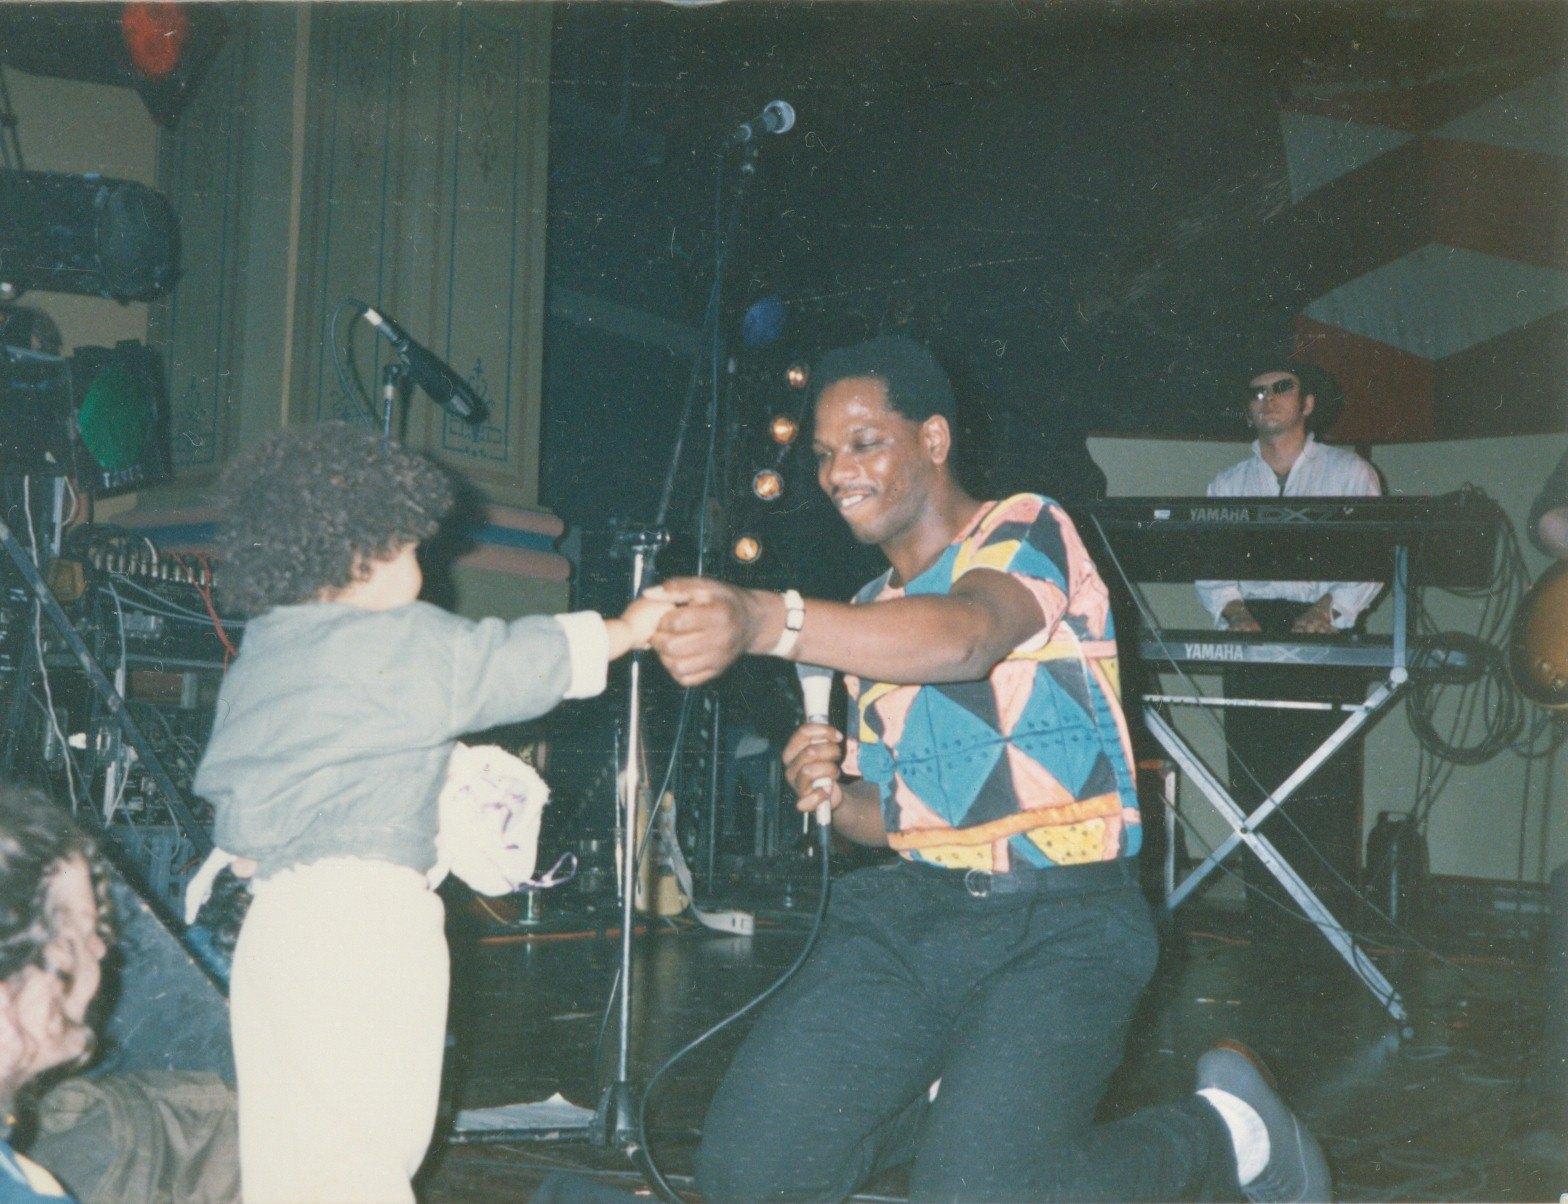 Lamar @ Club Ska gig .jpg